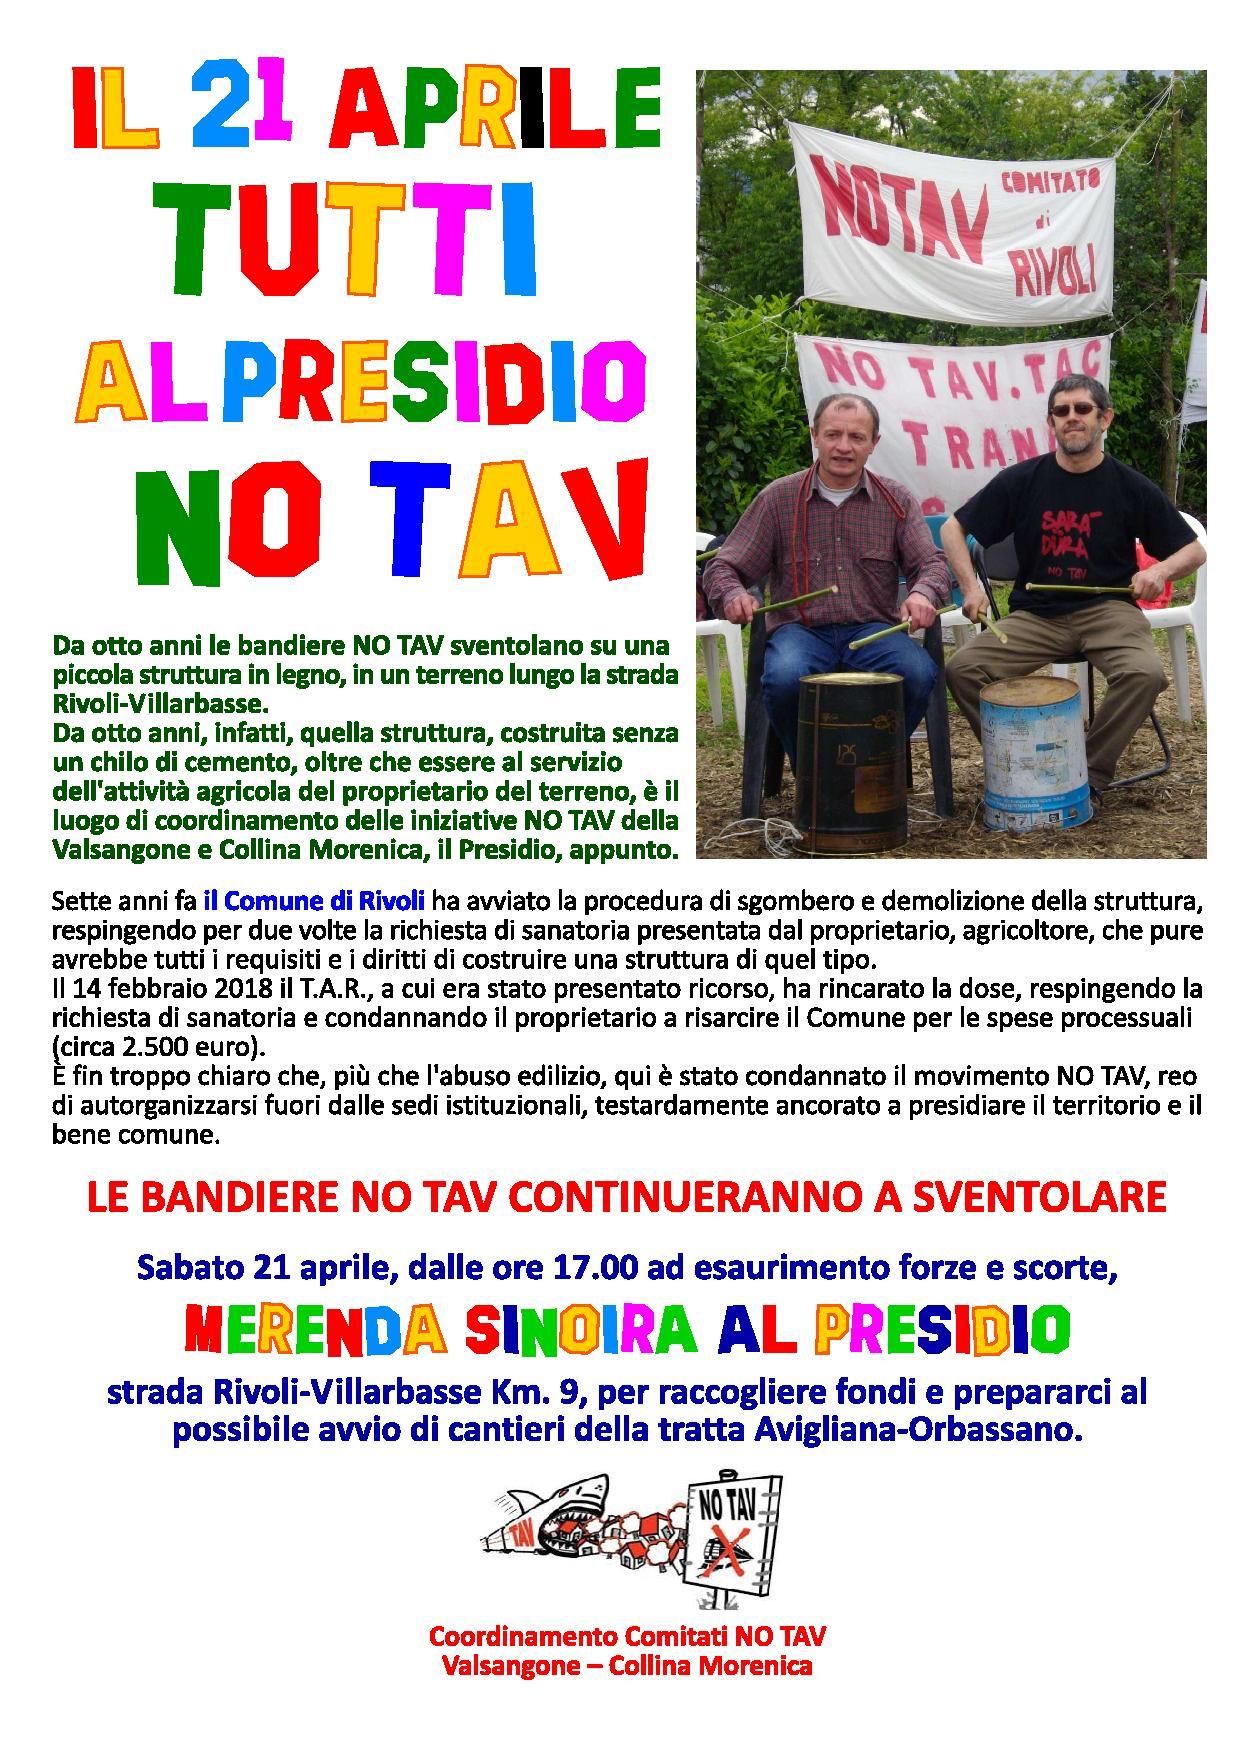 Presidio No Tav - Villarbasse